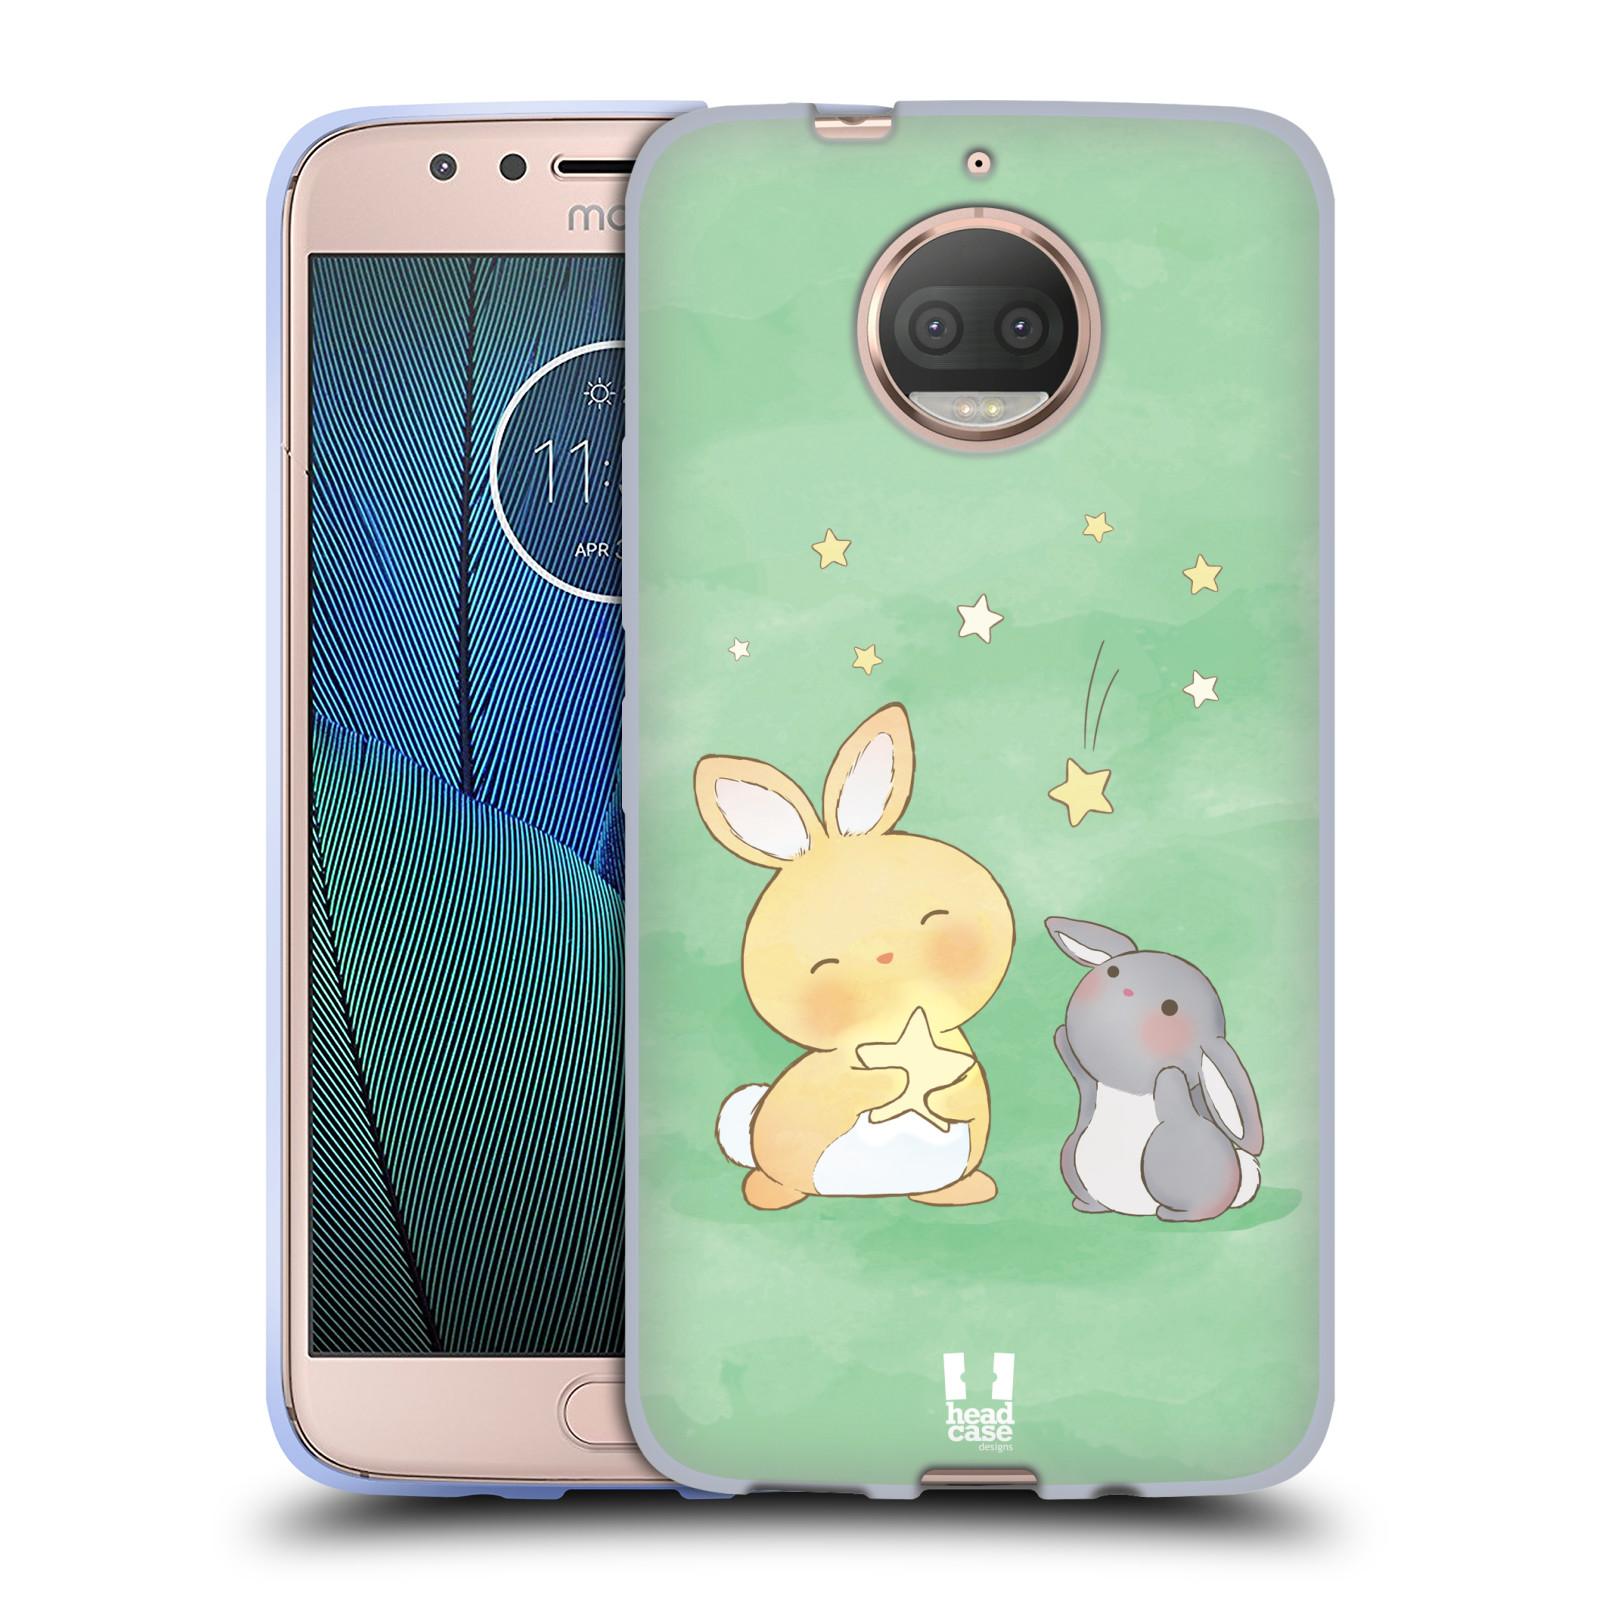 HEAD CASE silikonový obal na mobil Lenovo Moto G5s PLUS vzor králíček a hvězdy zelená